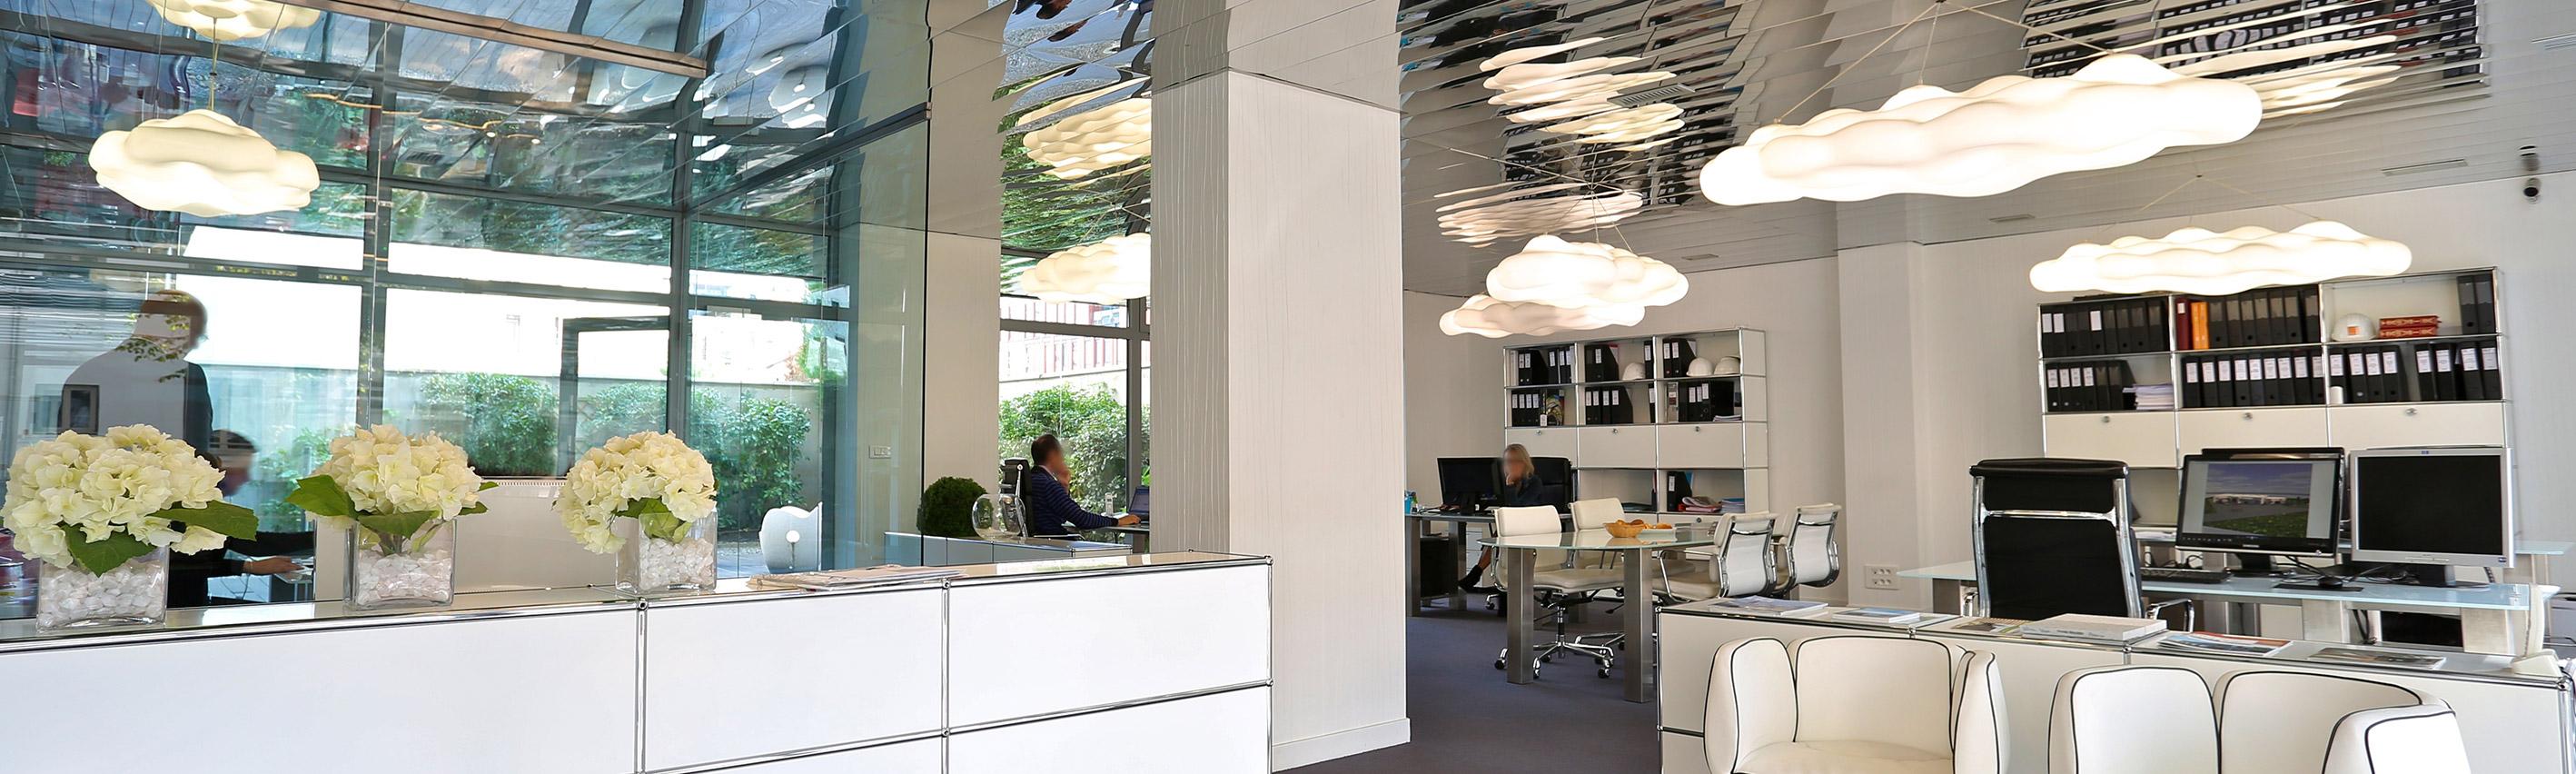 agora-ecosysteme-bureaux